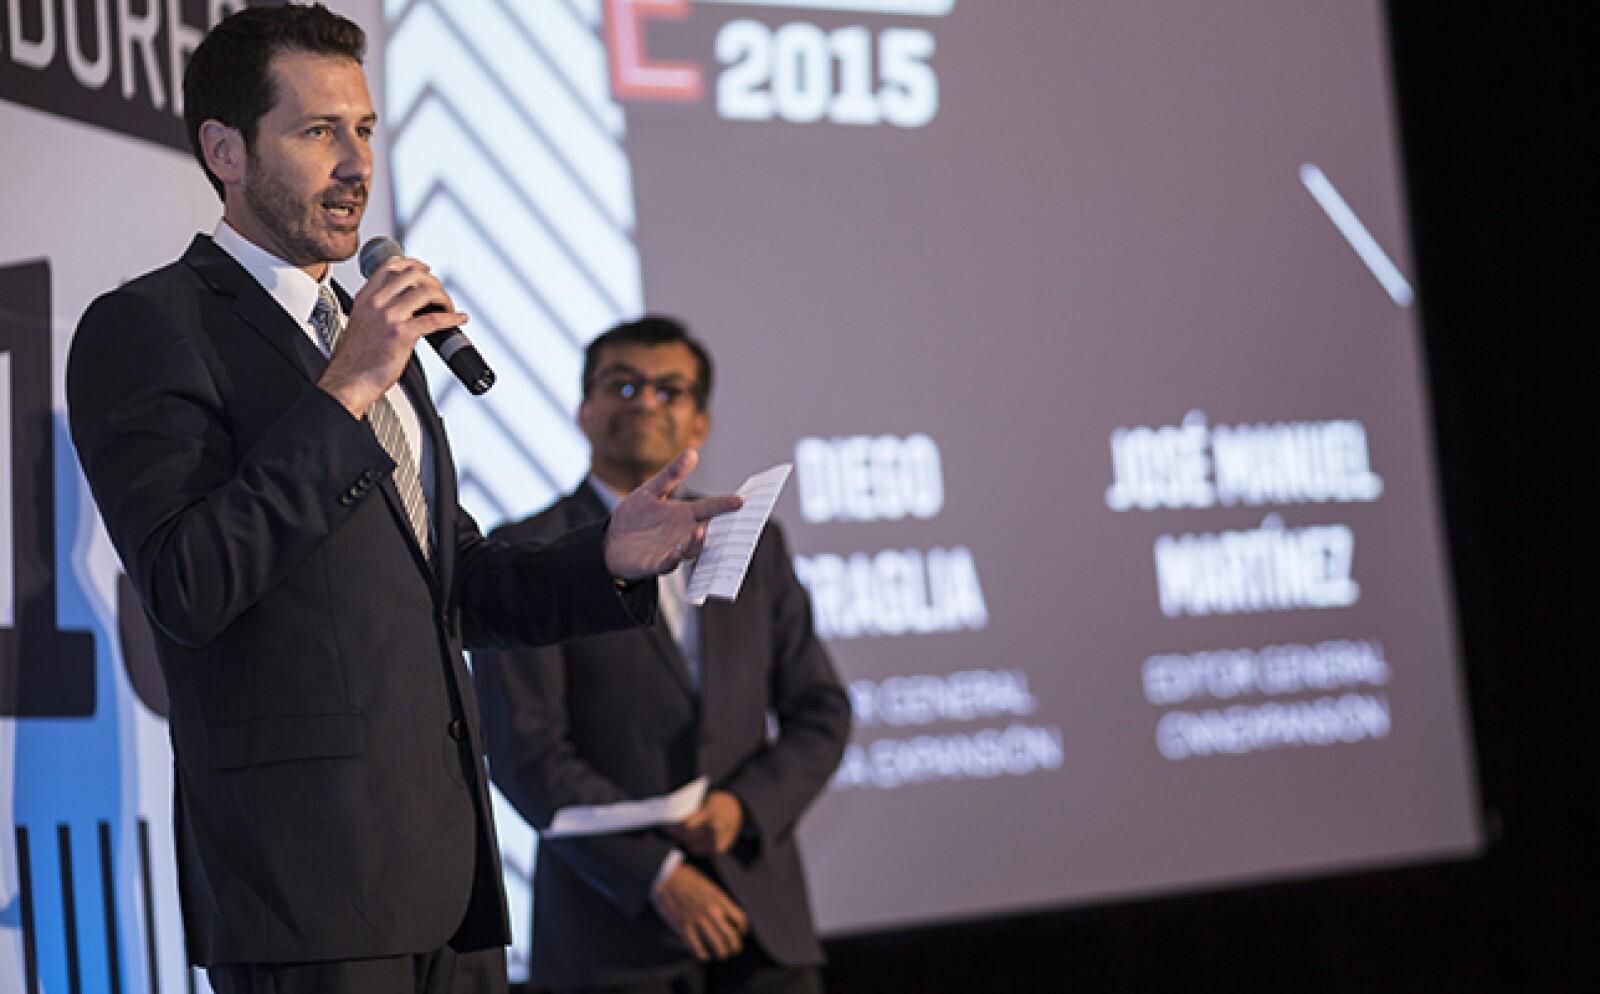 Hay emprendedores que llegaron a las ediciones de 'Las 500' y 'Los 100 Empresarios más Importantes de México', dice Diego Graglia (izq.), editor general de Expansión, en compañía de José Manuel Martínez, editor general de CNNExpansión.